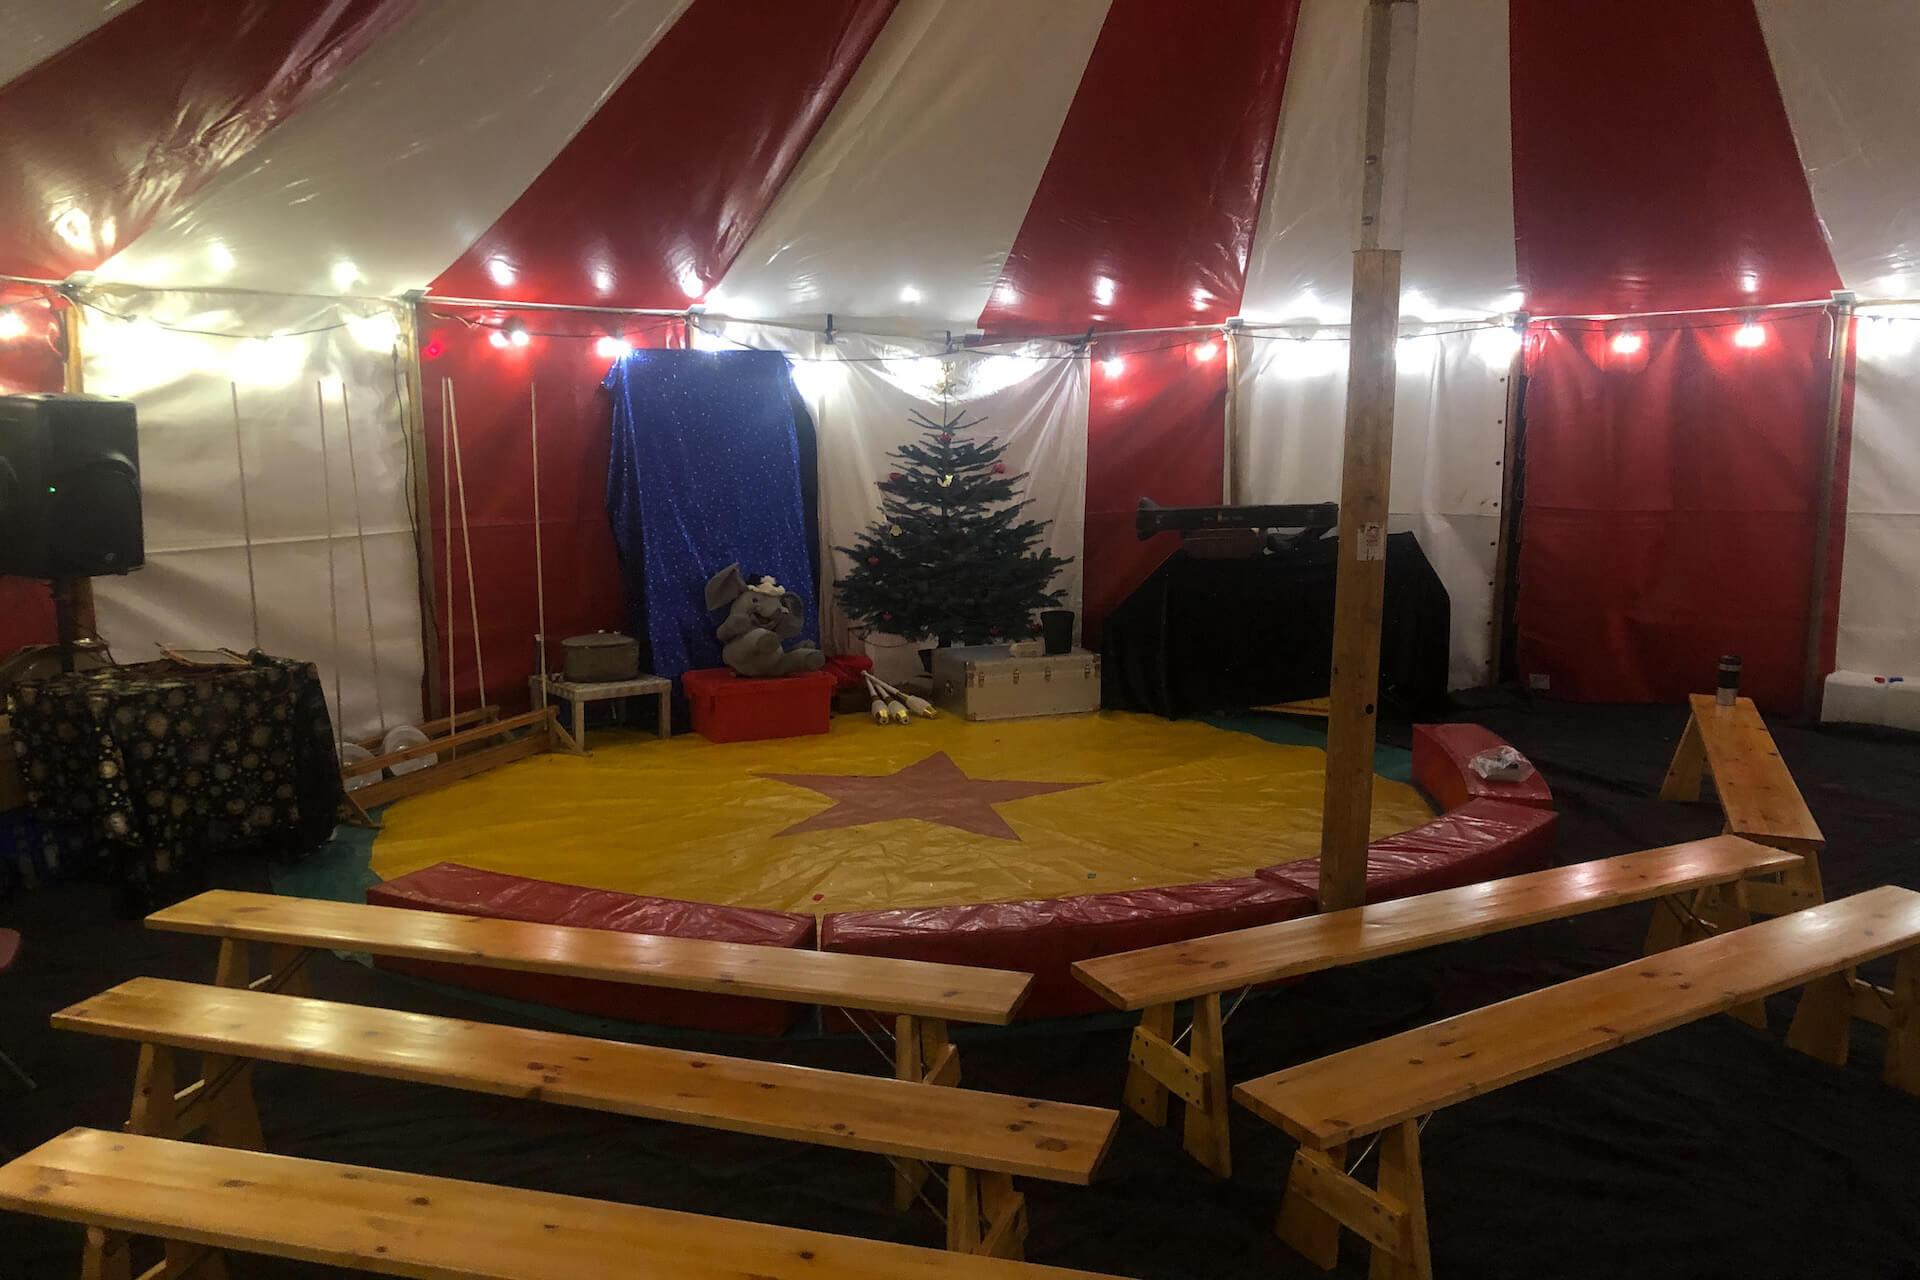 Small Christmas circus show